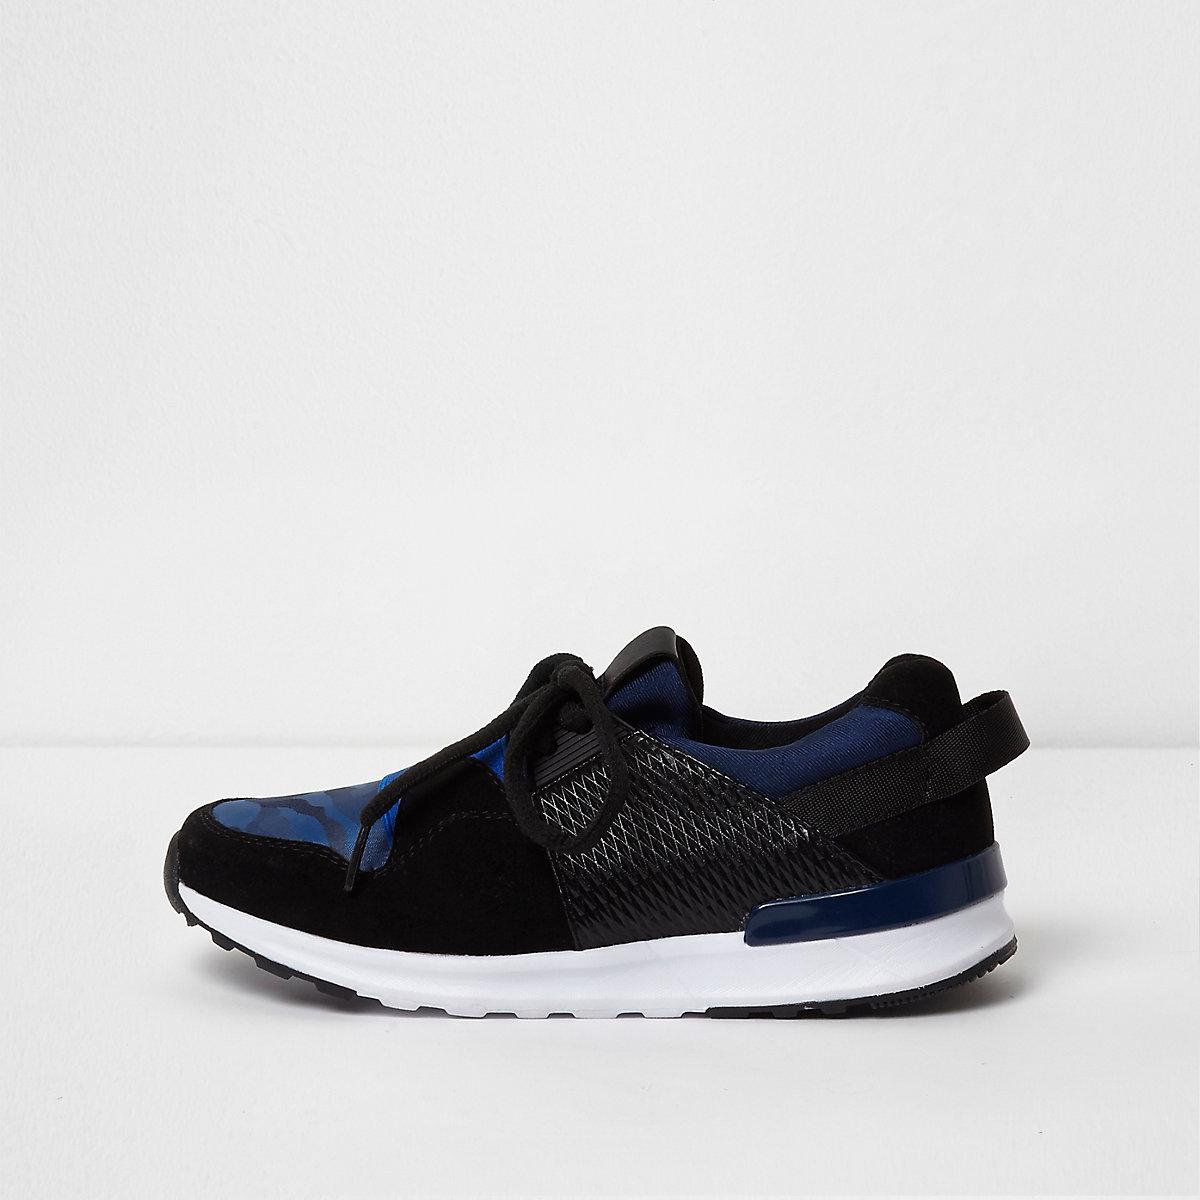 Blaue Sneaker mit Einsatz und Camouflage-Muster